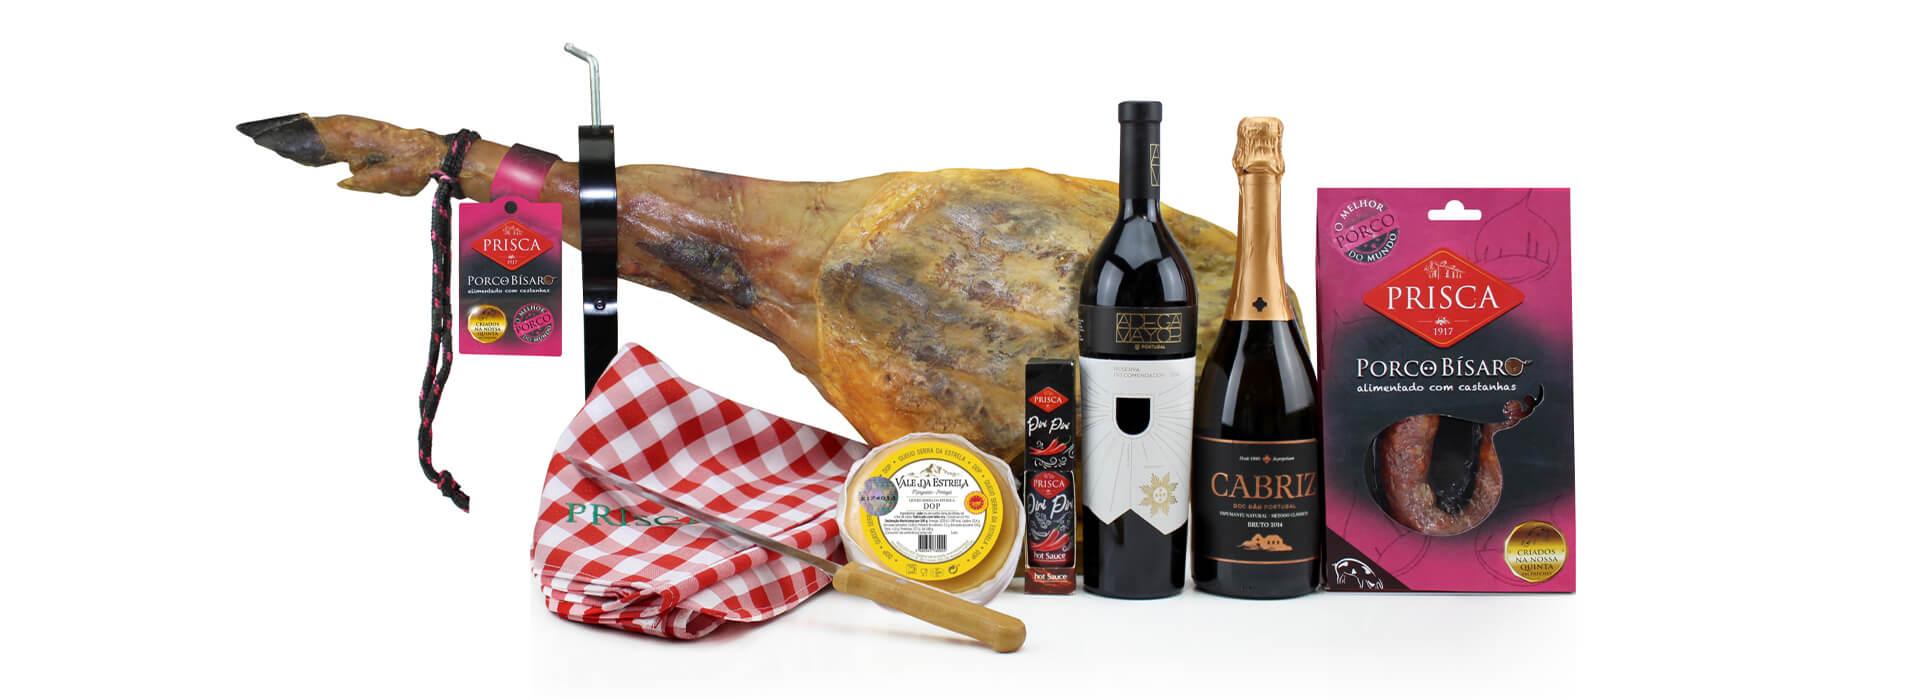 Cabaz Sabores da Terra 2 com produtos bísaros, queijos de ovelha amanteiagado D.O.P espumante Cabriz e Reserva do Comendador Tinto.